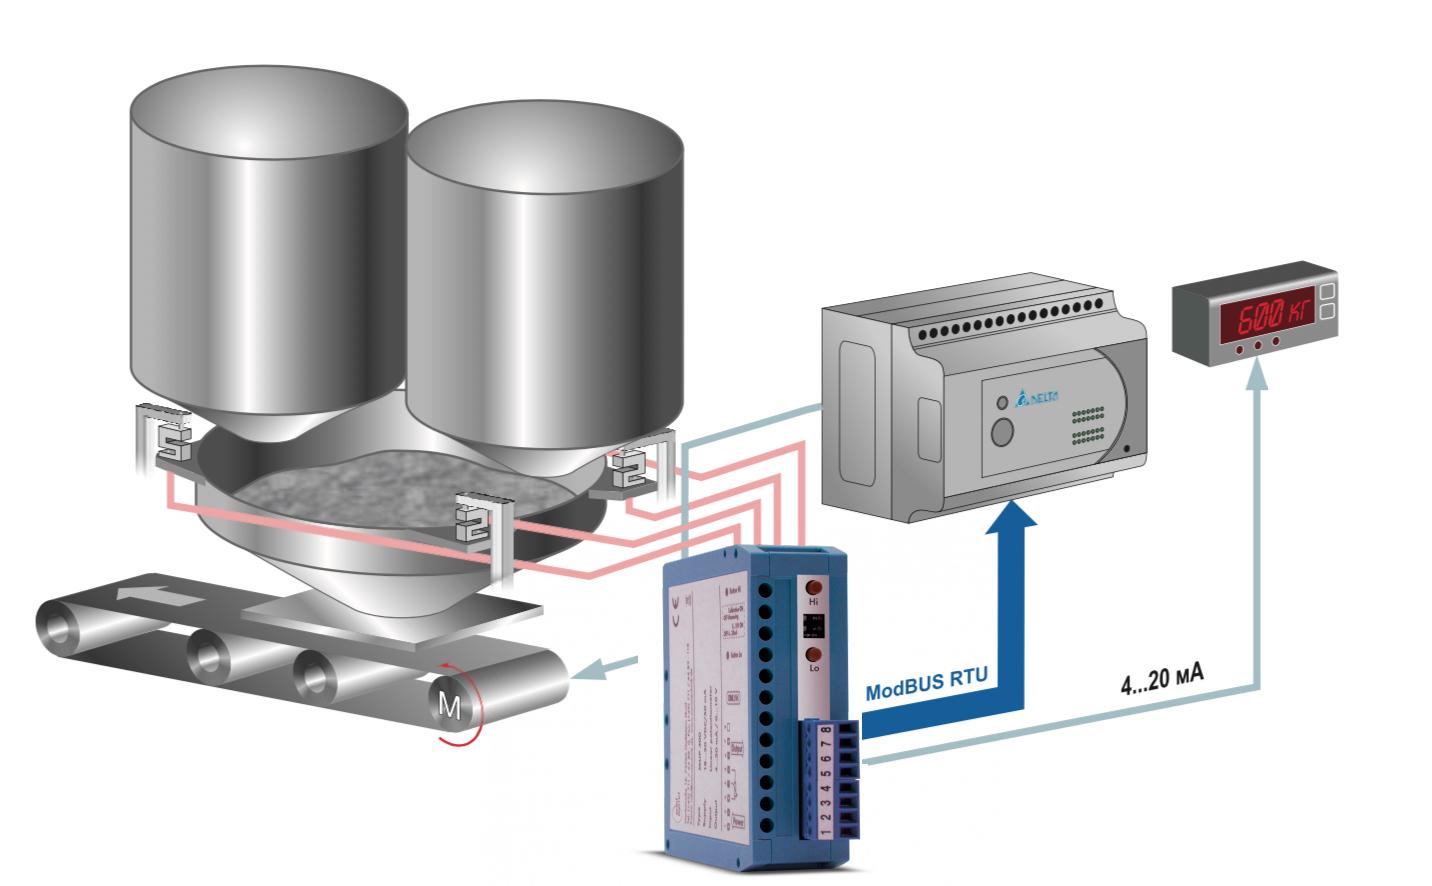 Mô tả ứng dụng bộ chuyển loadcell sang 4-20mA